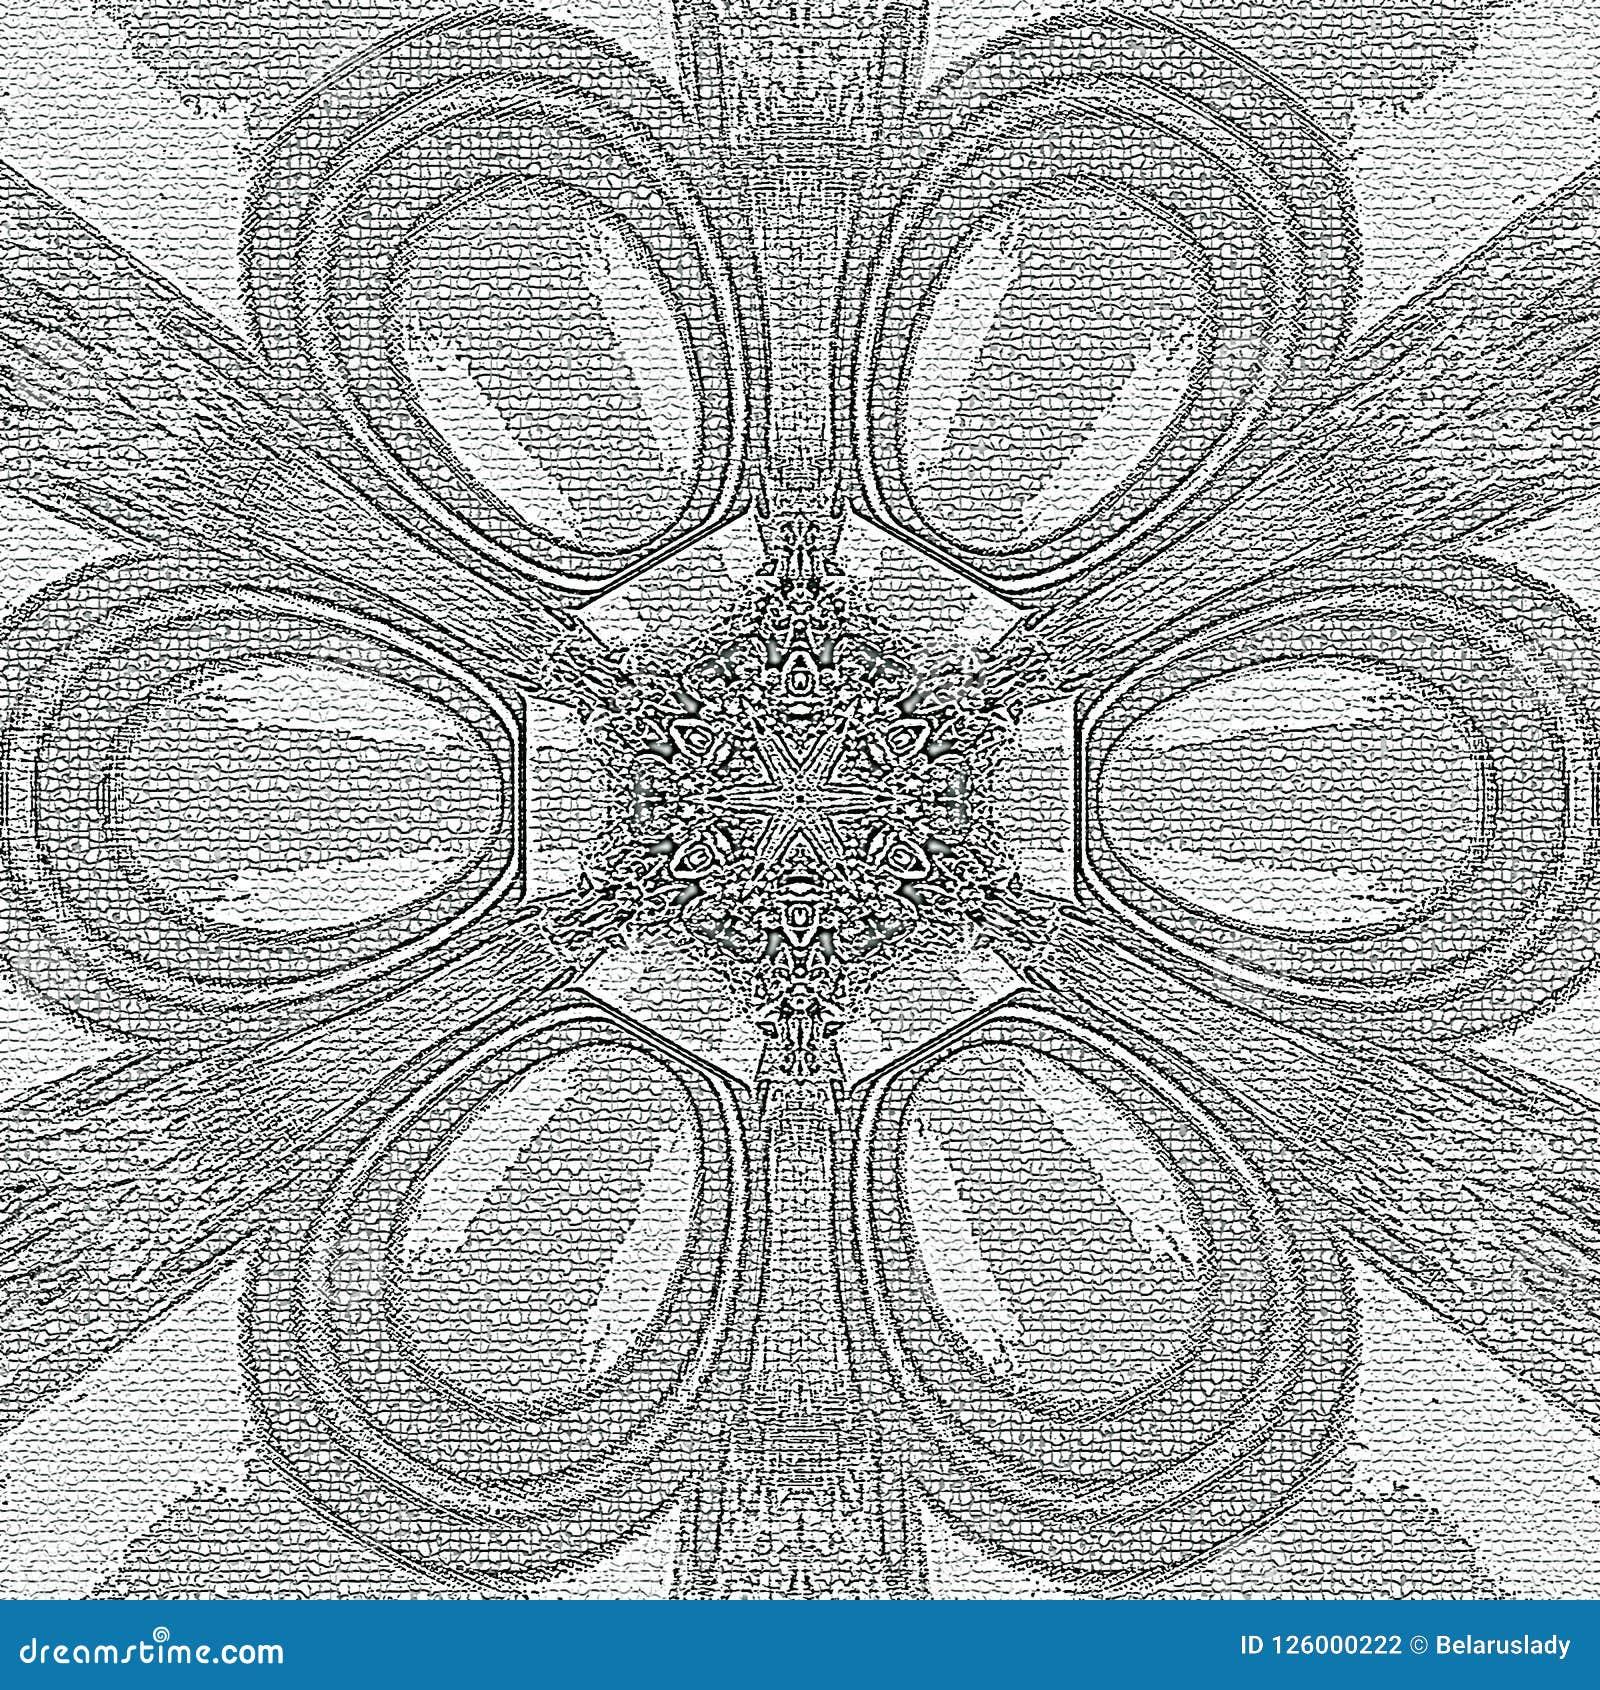 Arabesque Floral Do Mosaico Monocromatico Para Pintar Ilustracao